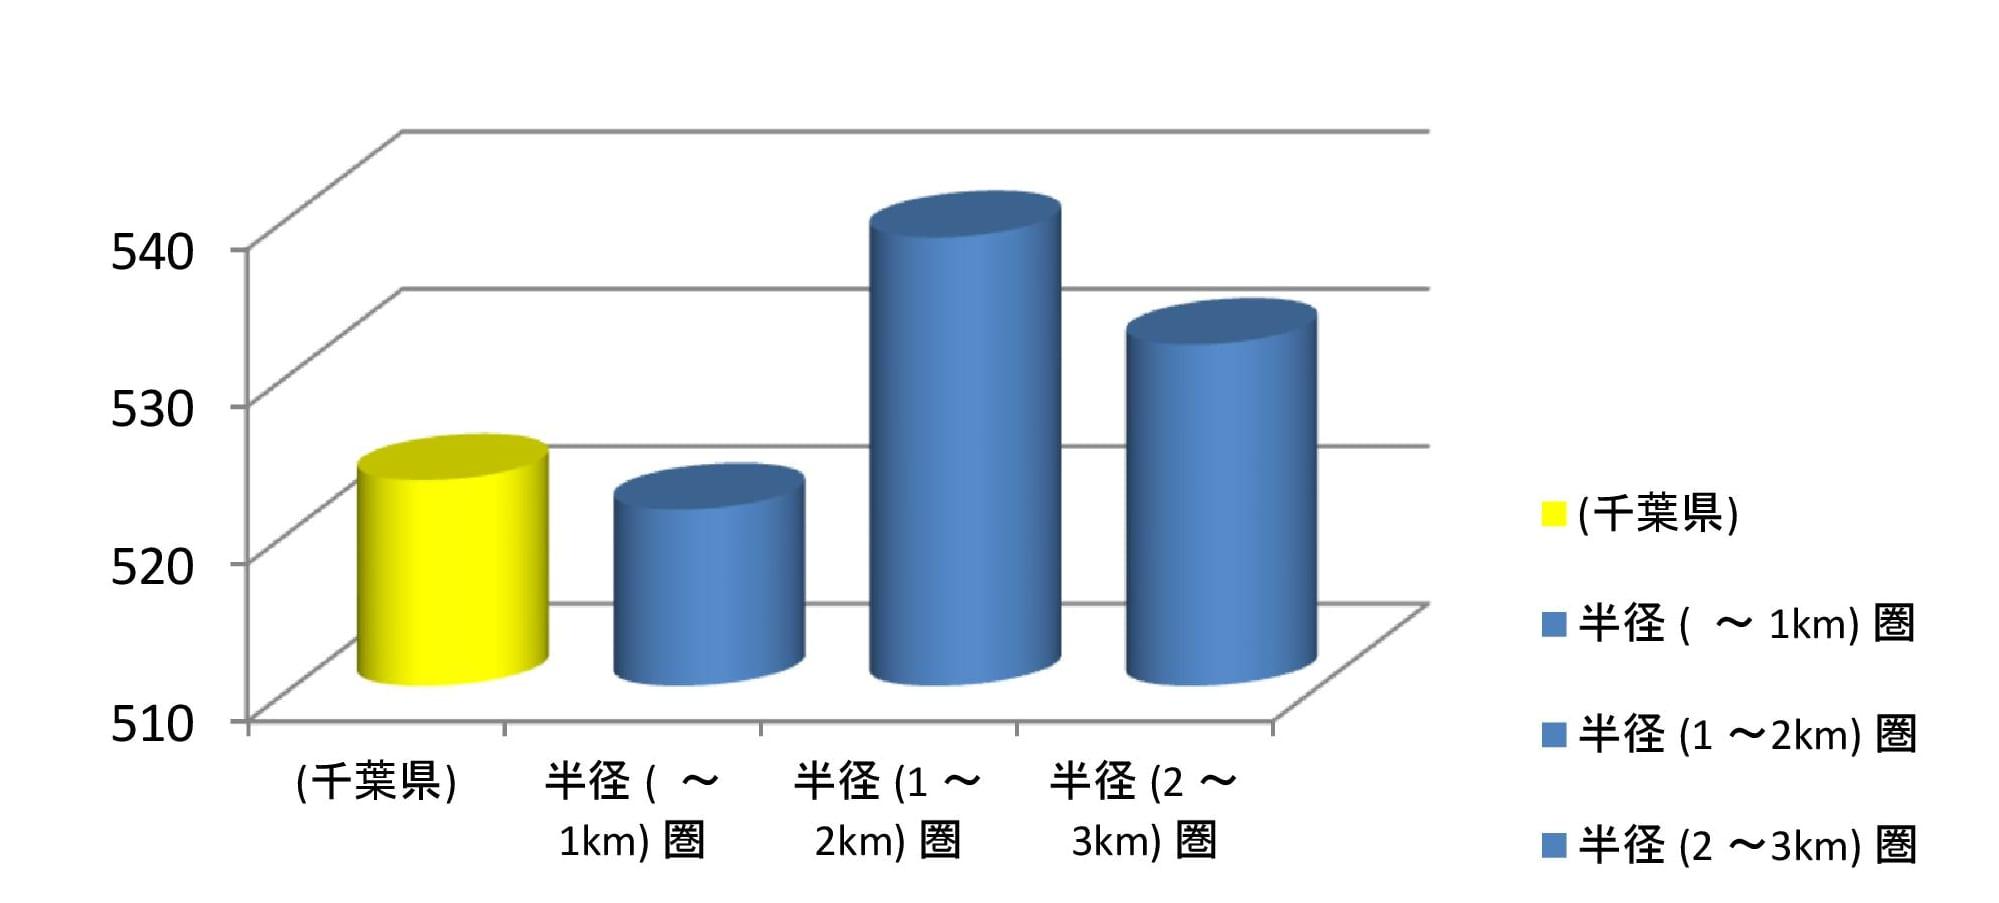 平均年収(万円)